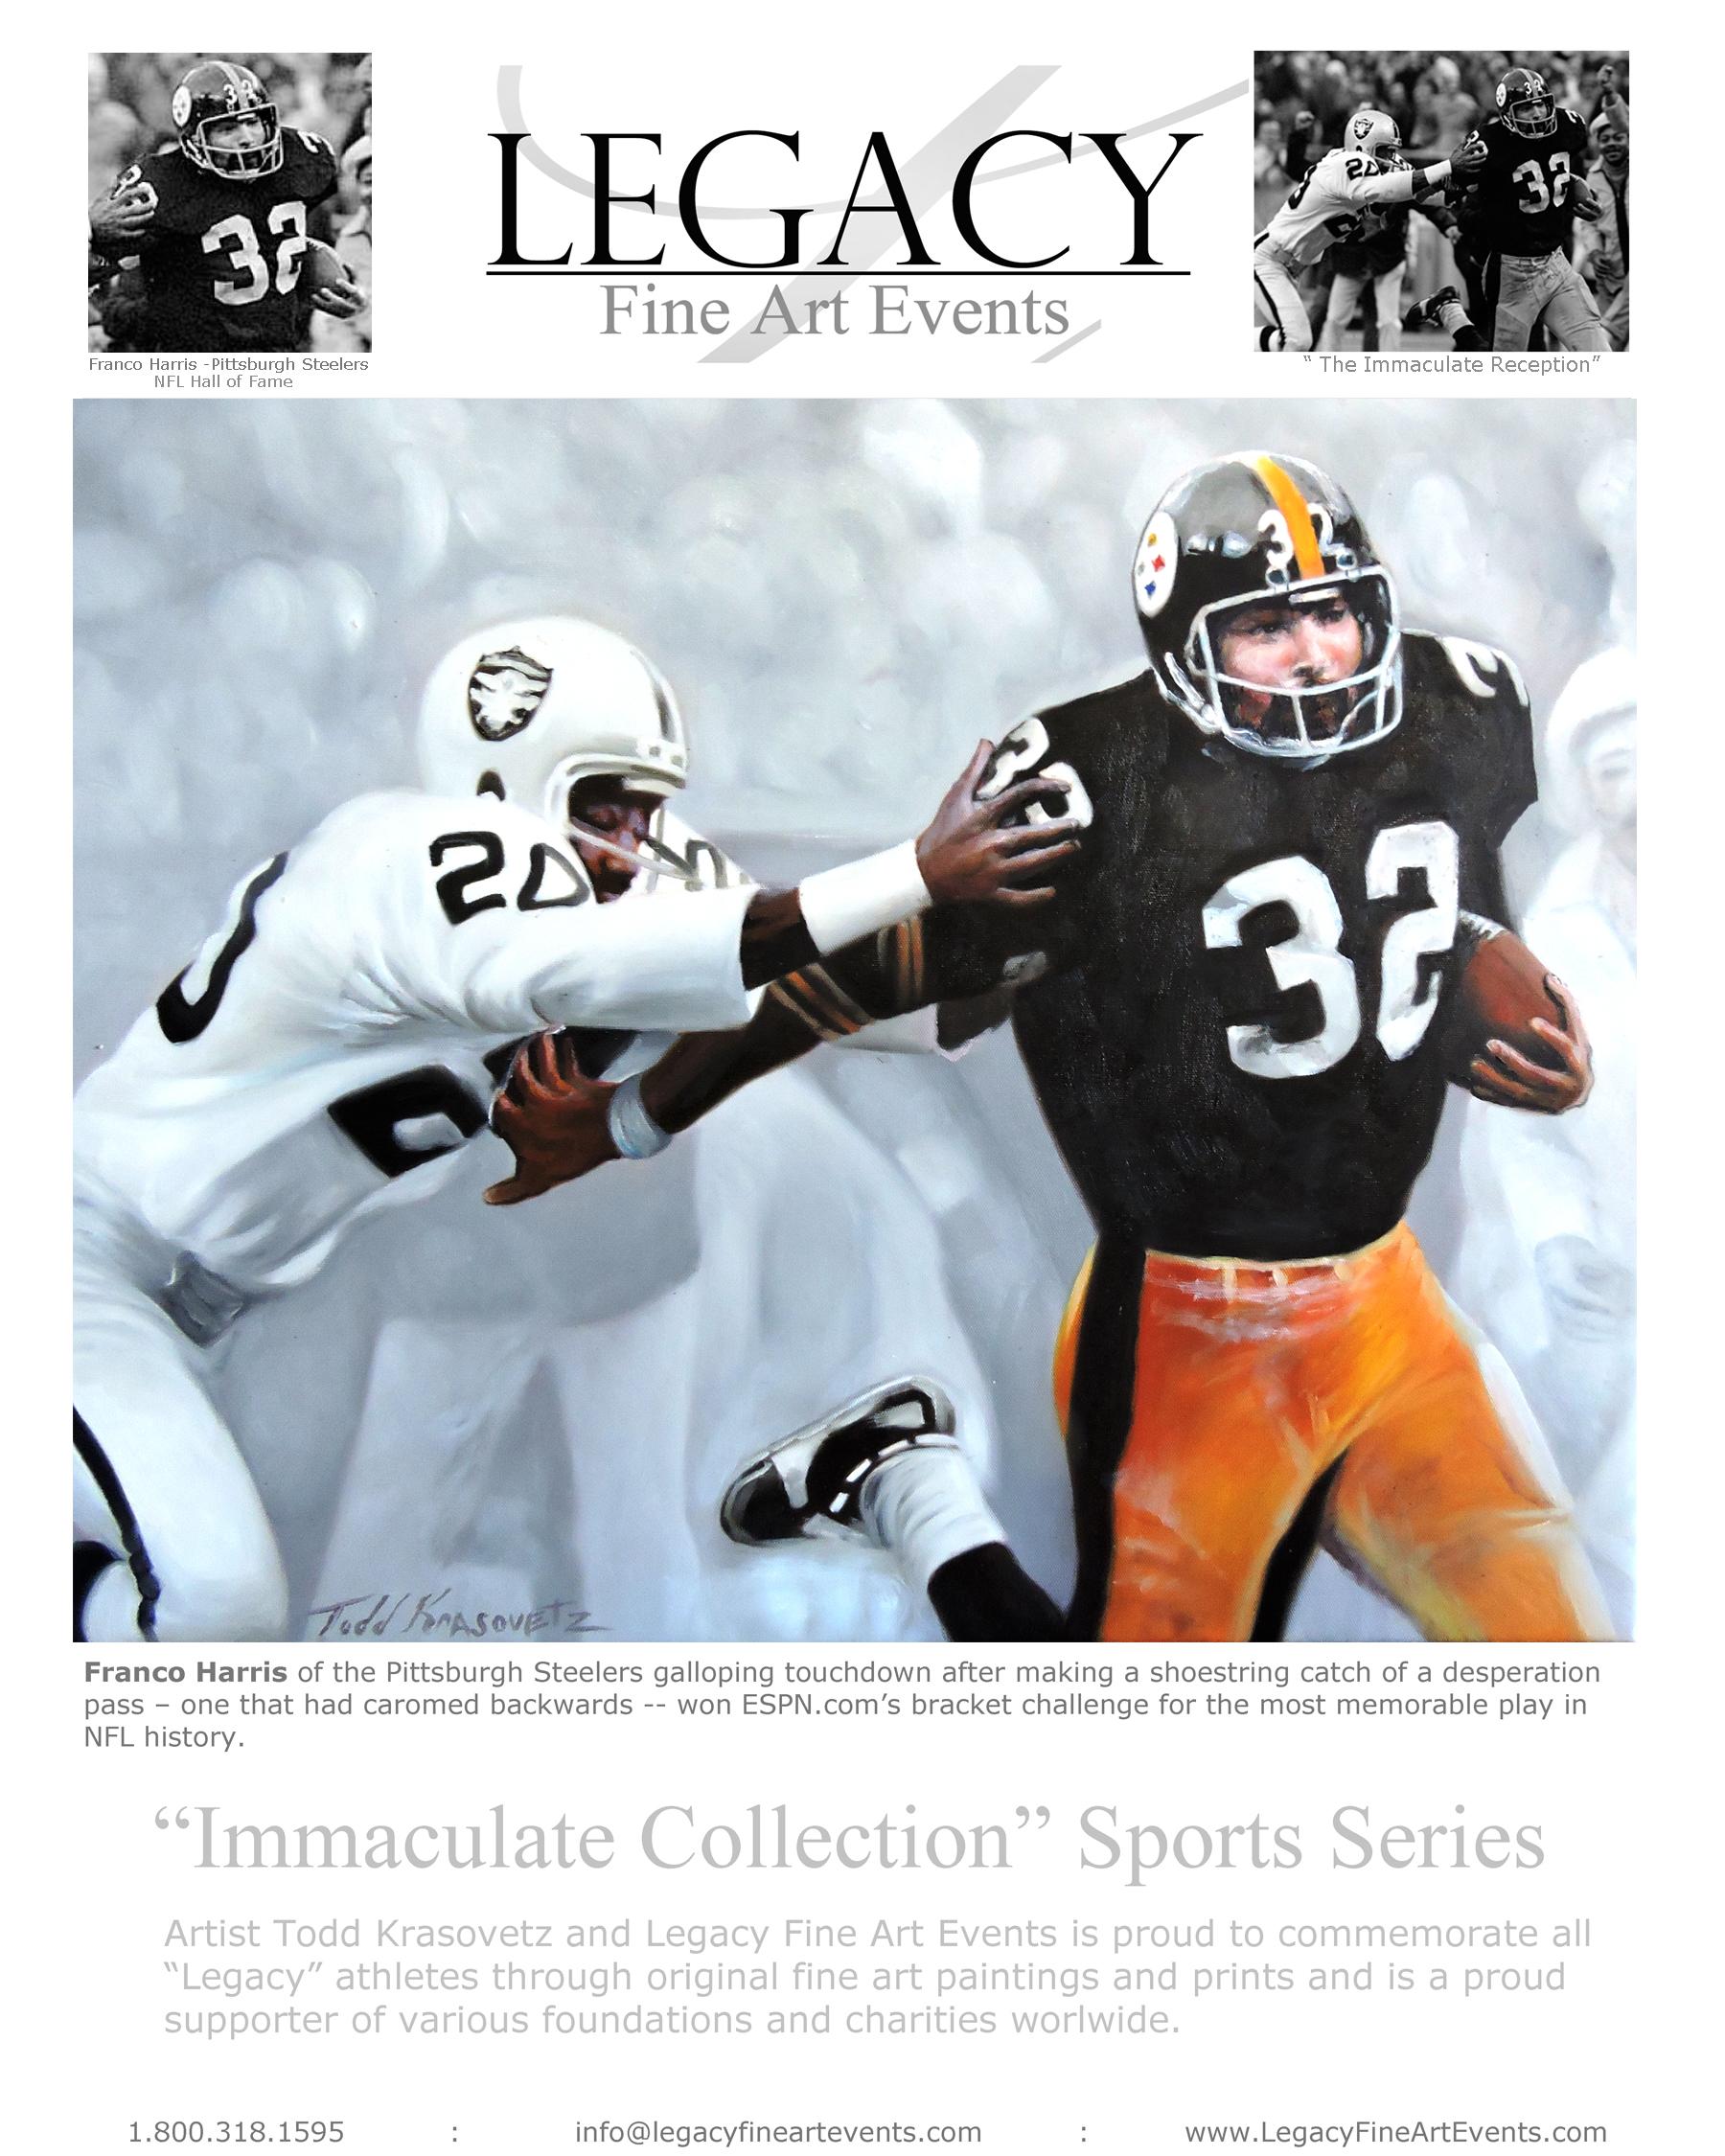 NFL Hall of Fame Running Back Franco Harris